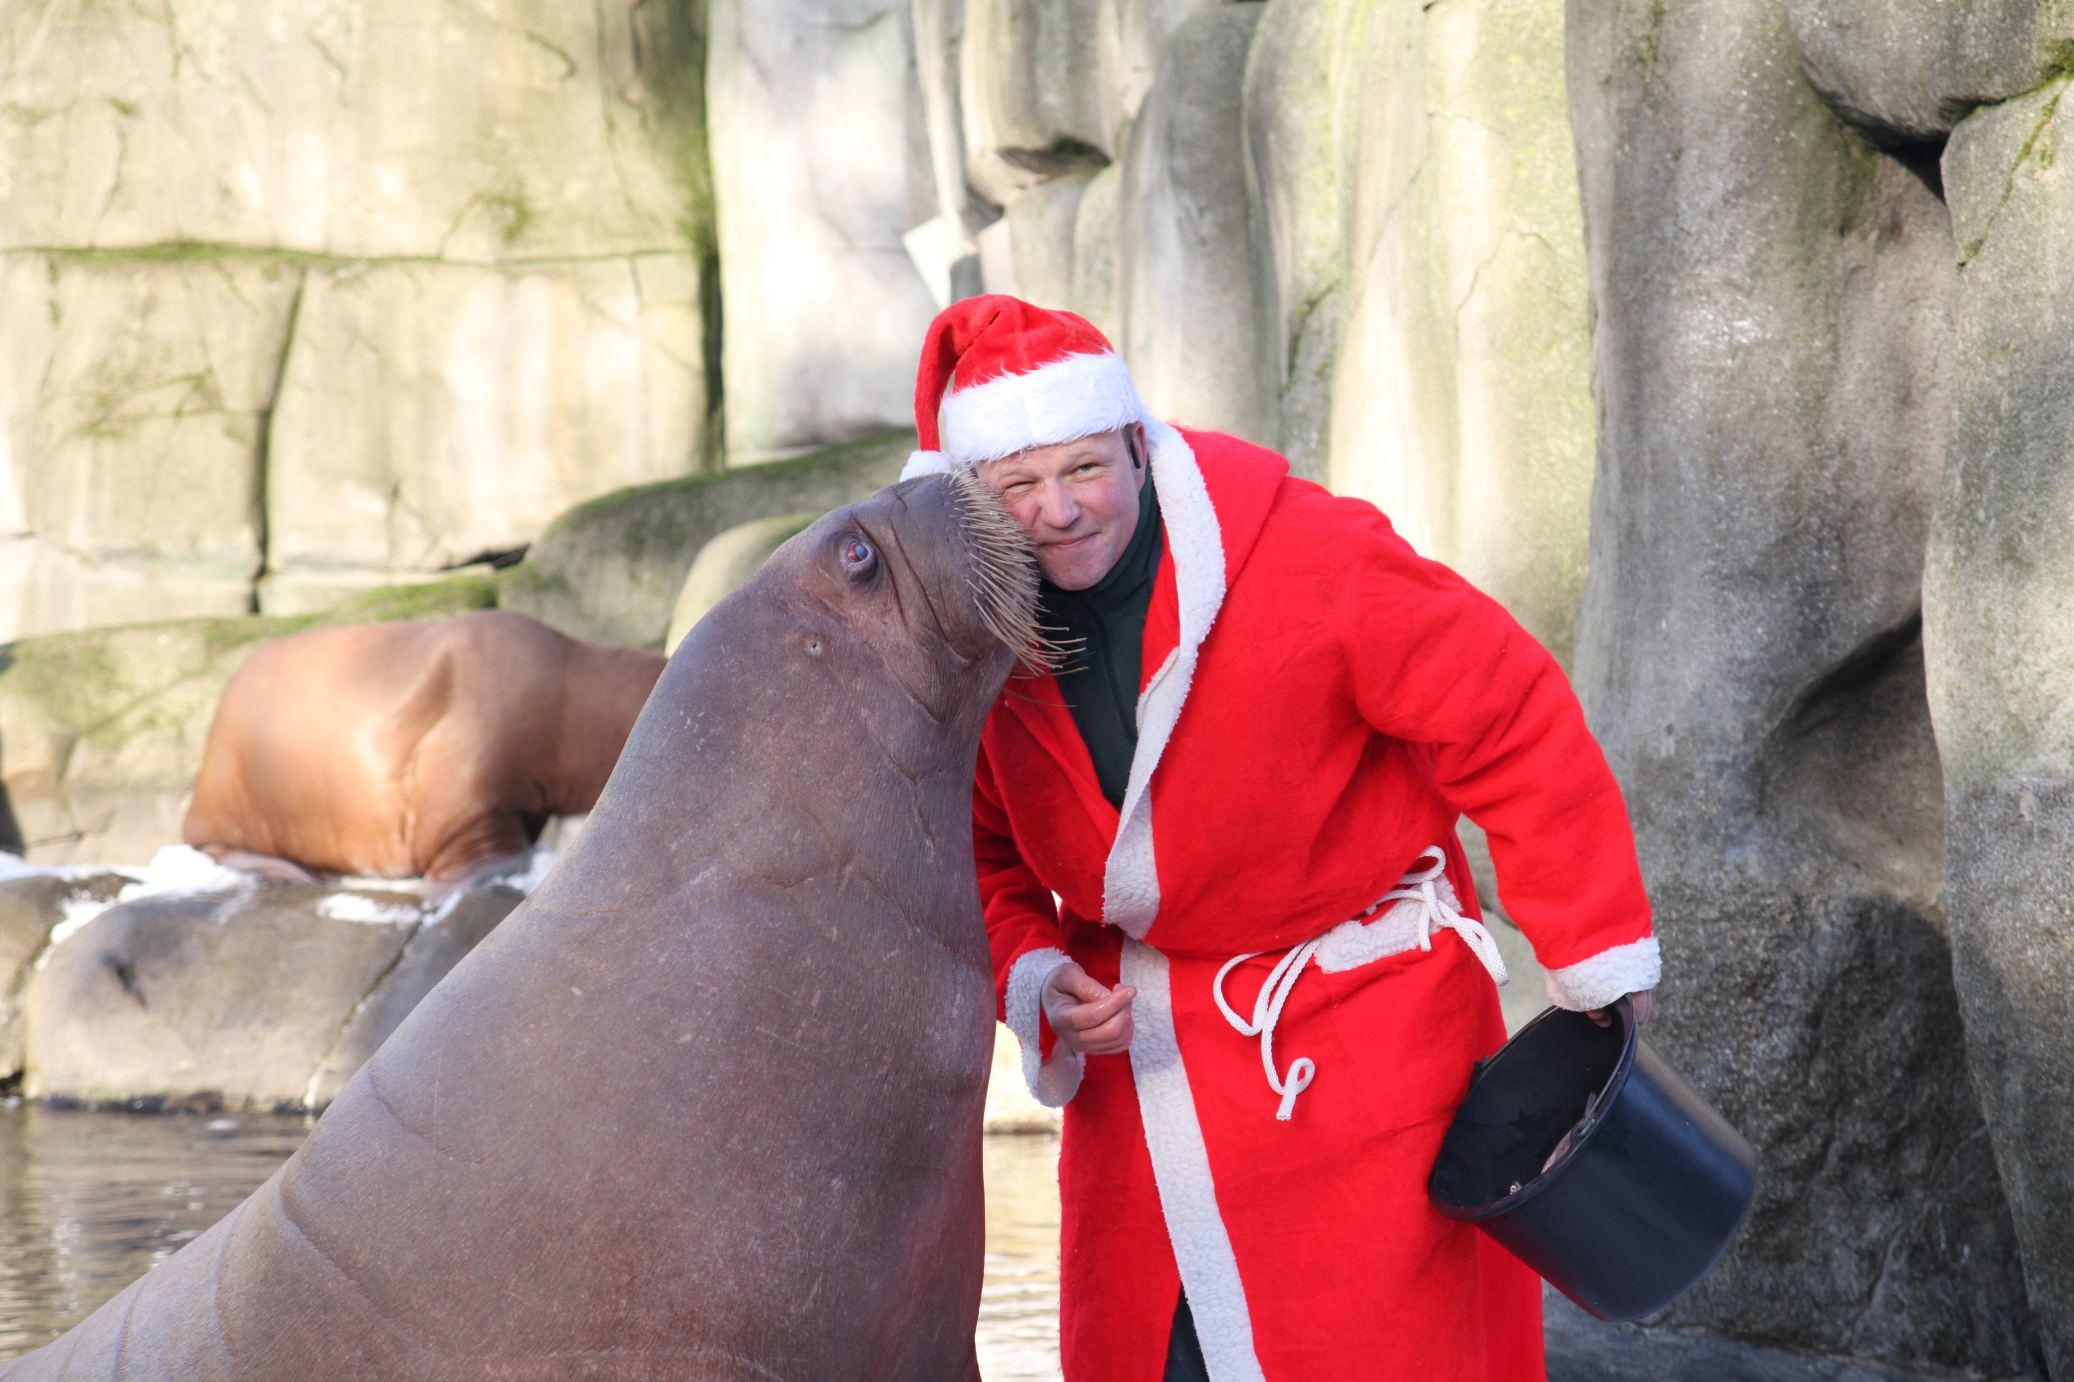 Zum Dank gab es einen Kuss. Foto: Tierpark Hagenbeck